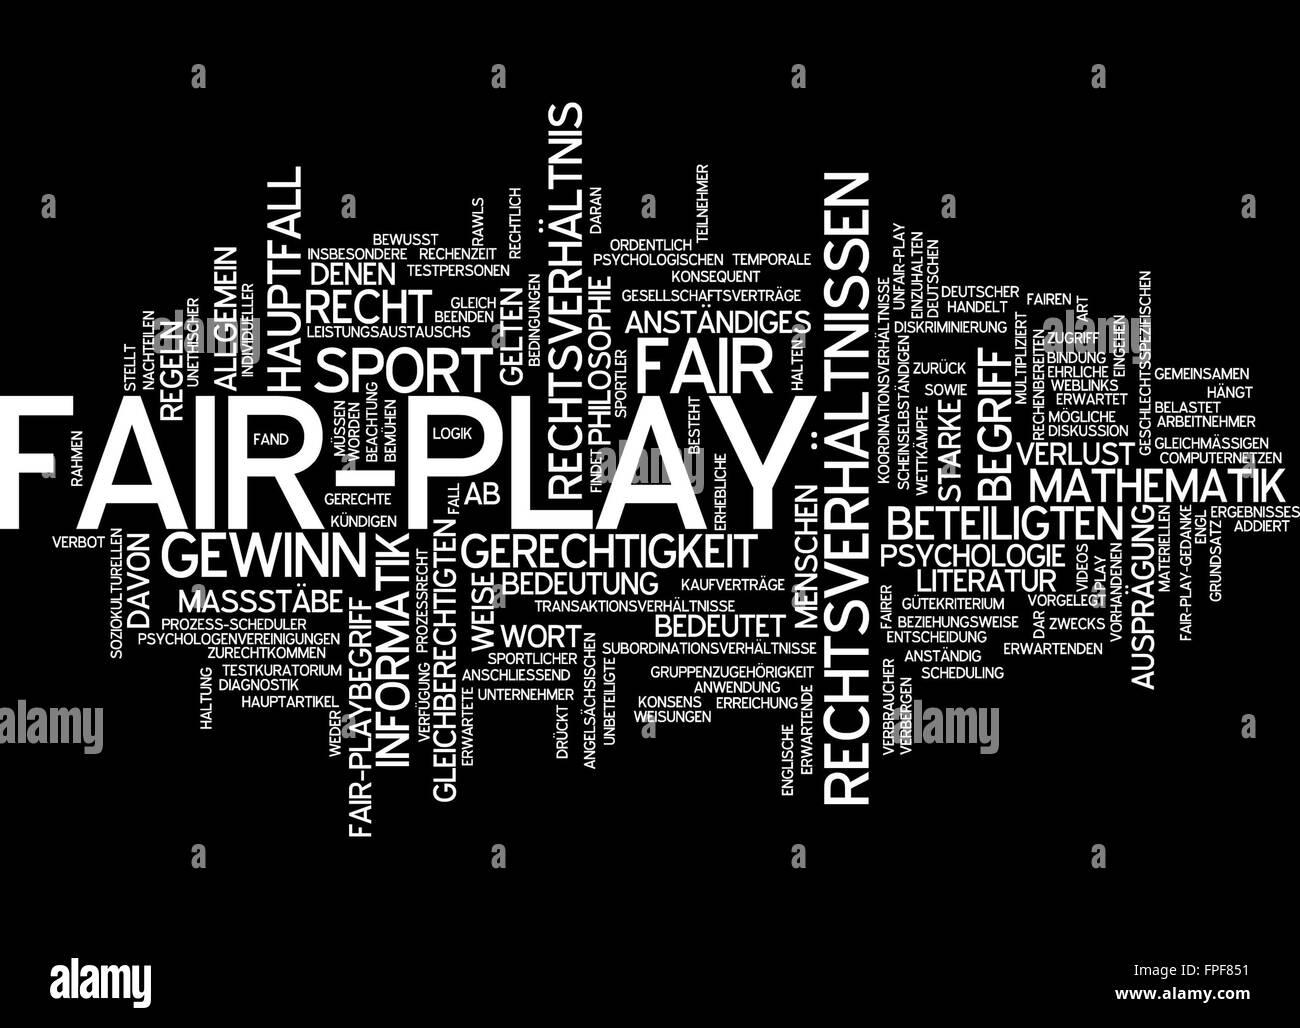 fair play fairplay fair-play fairness sport - Stock Image